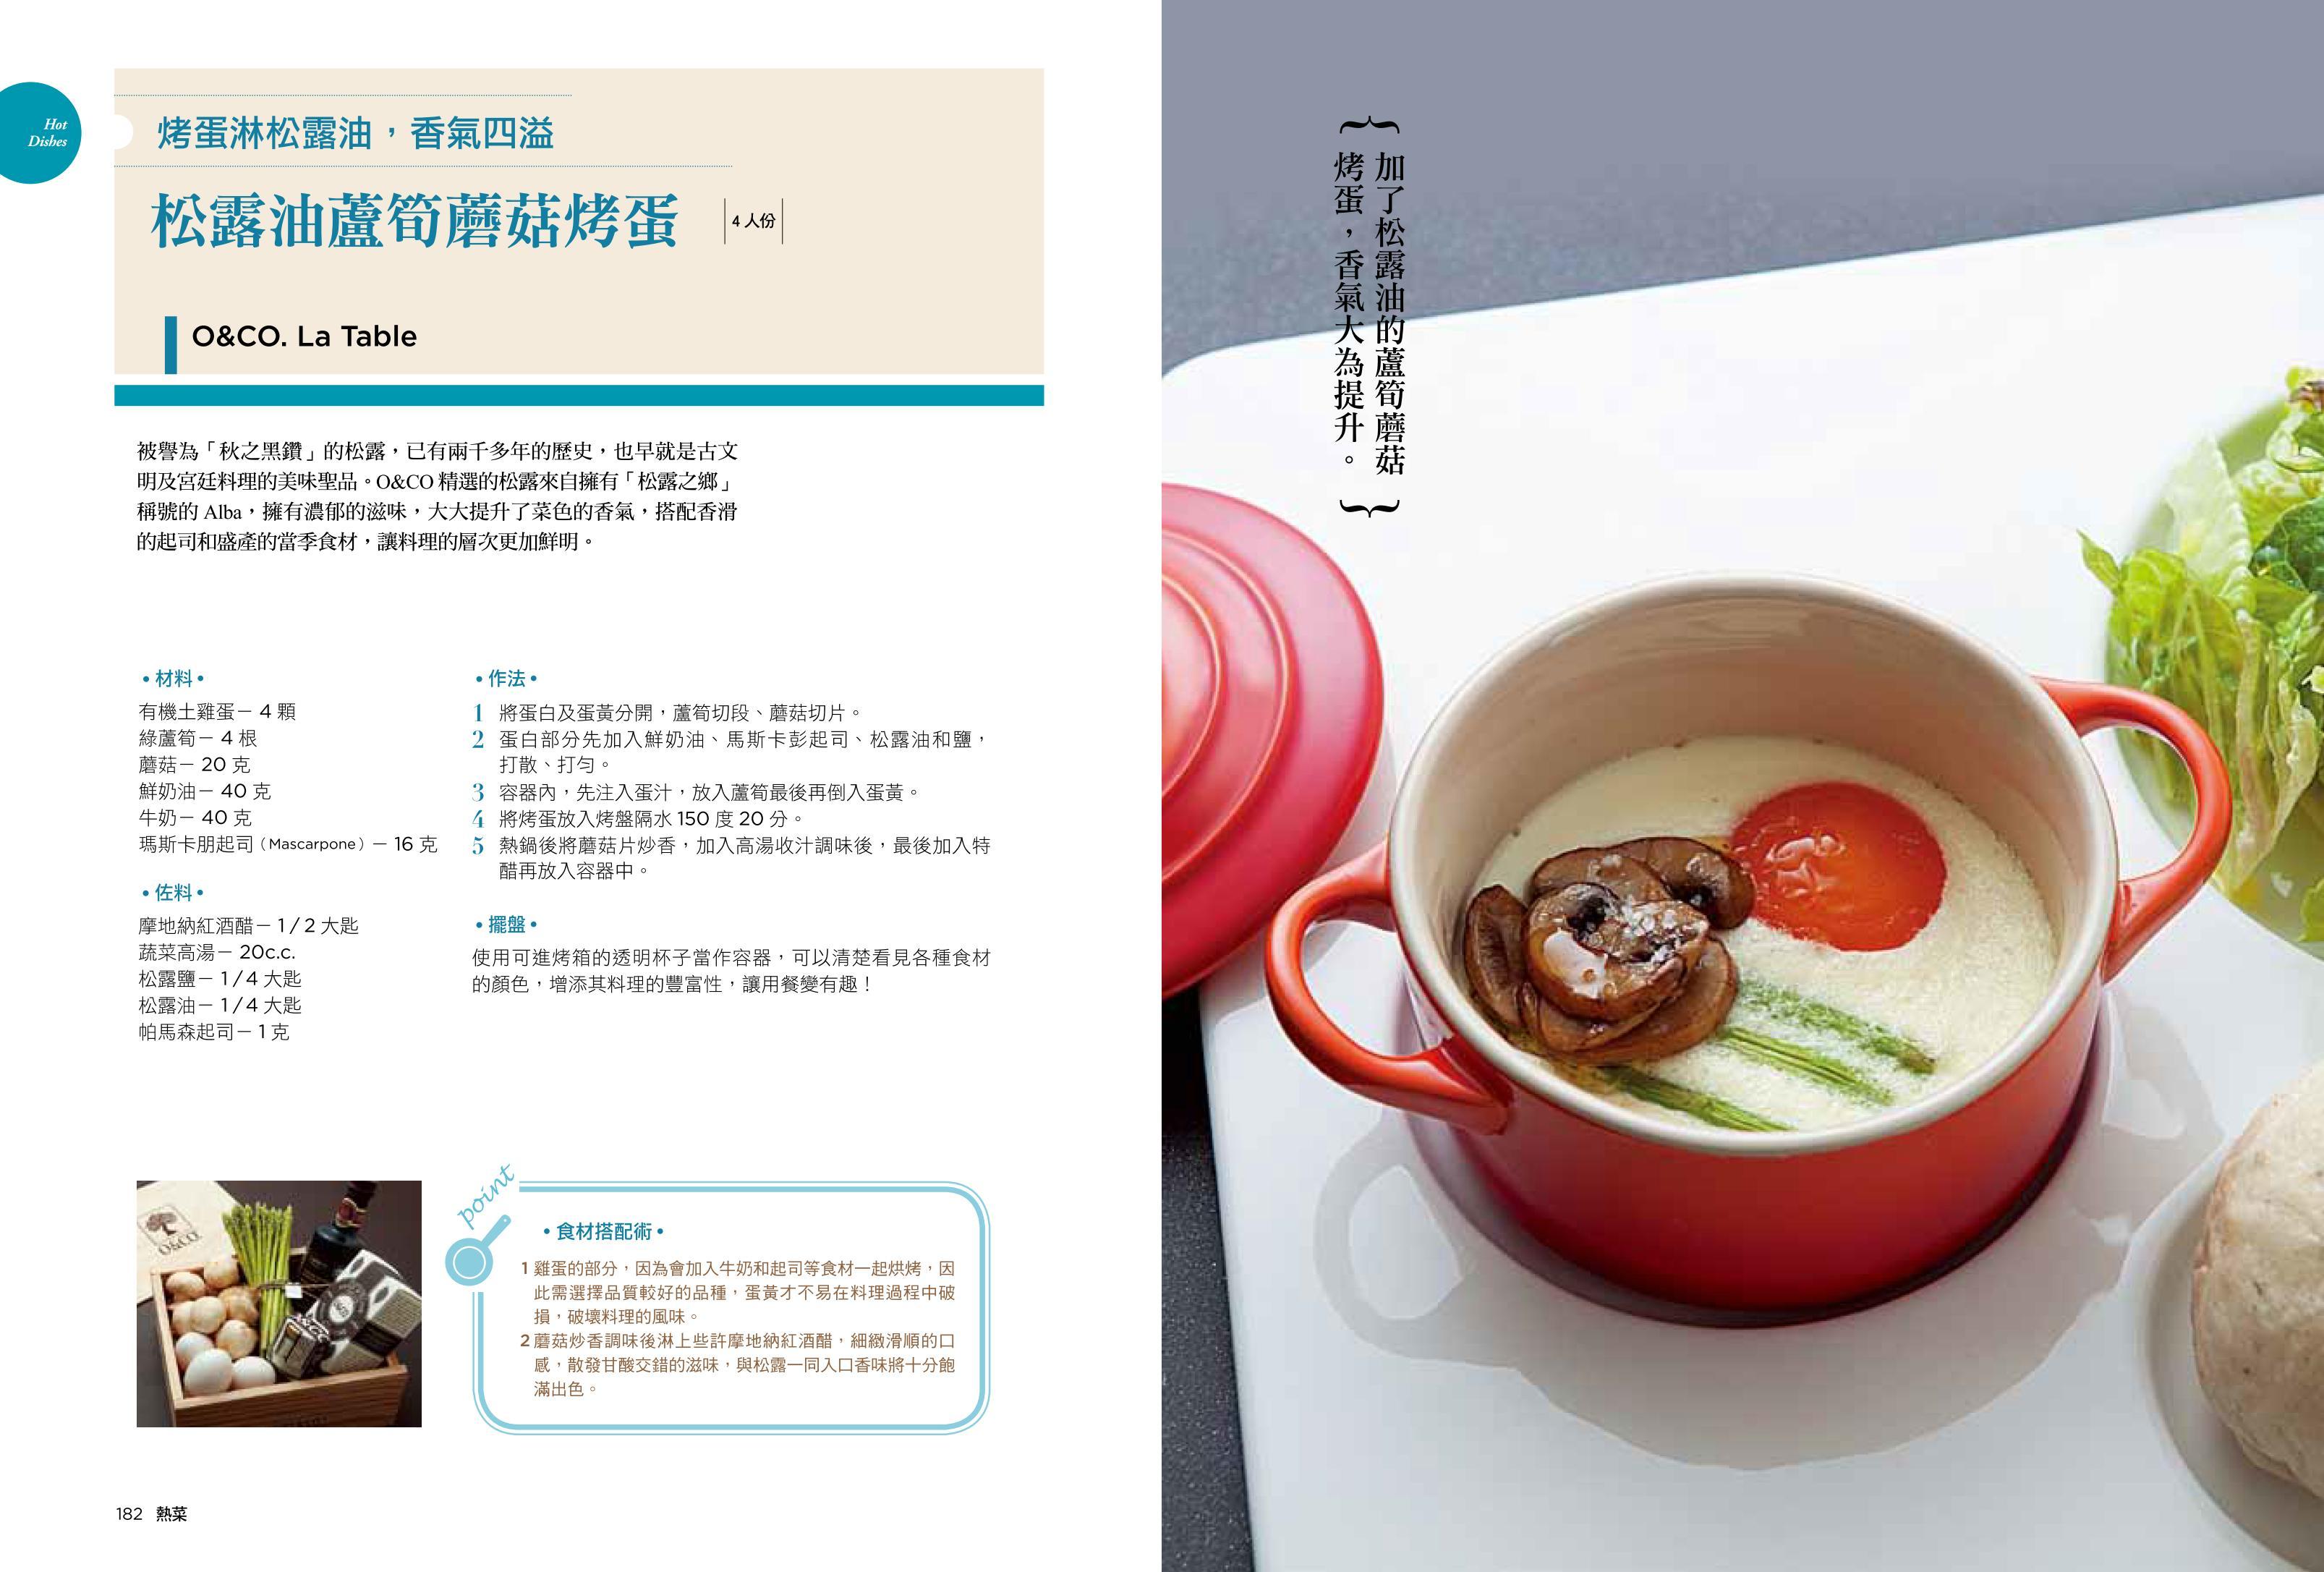 O&CO-松露油蘆筍磨菇烤蛋